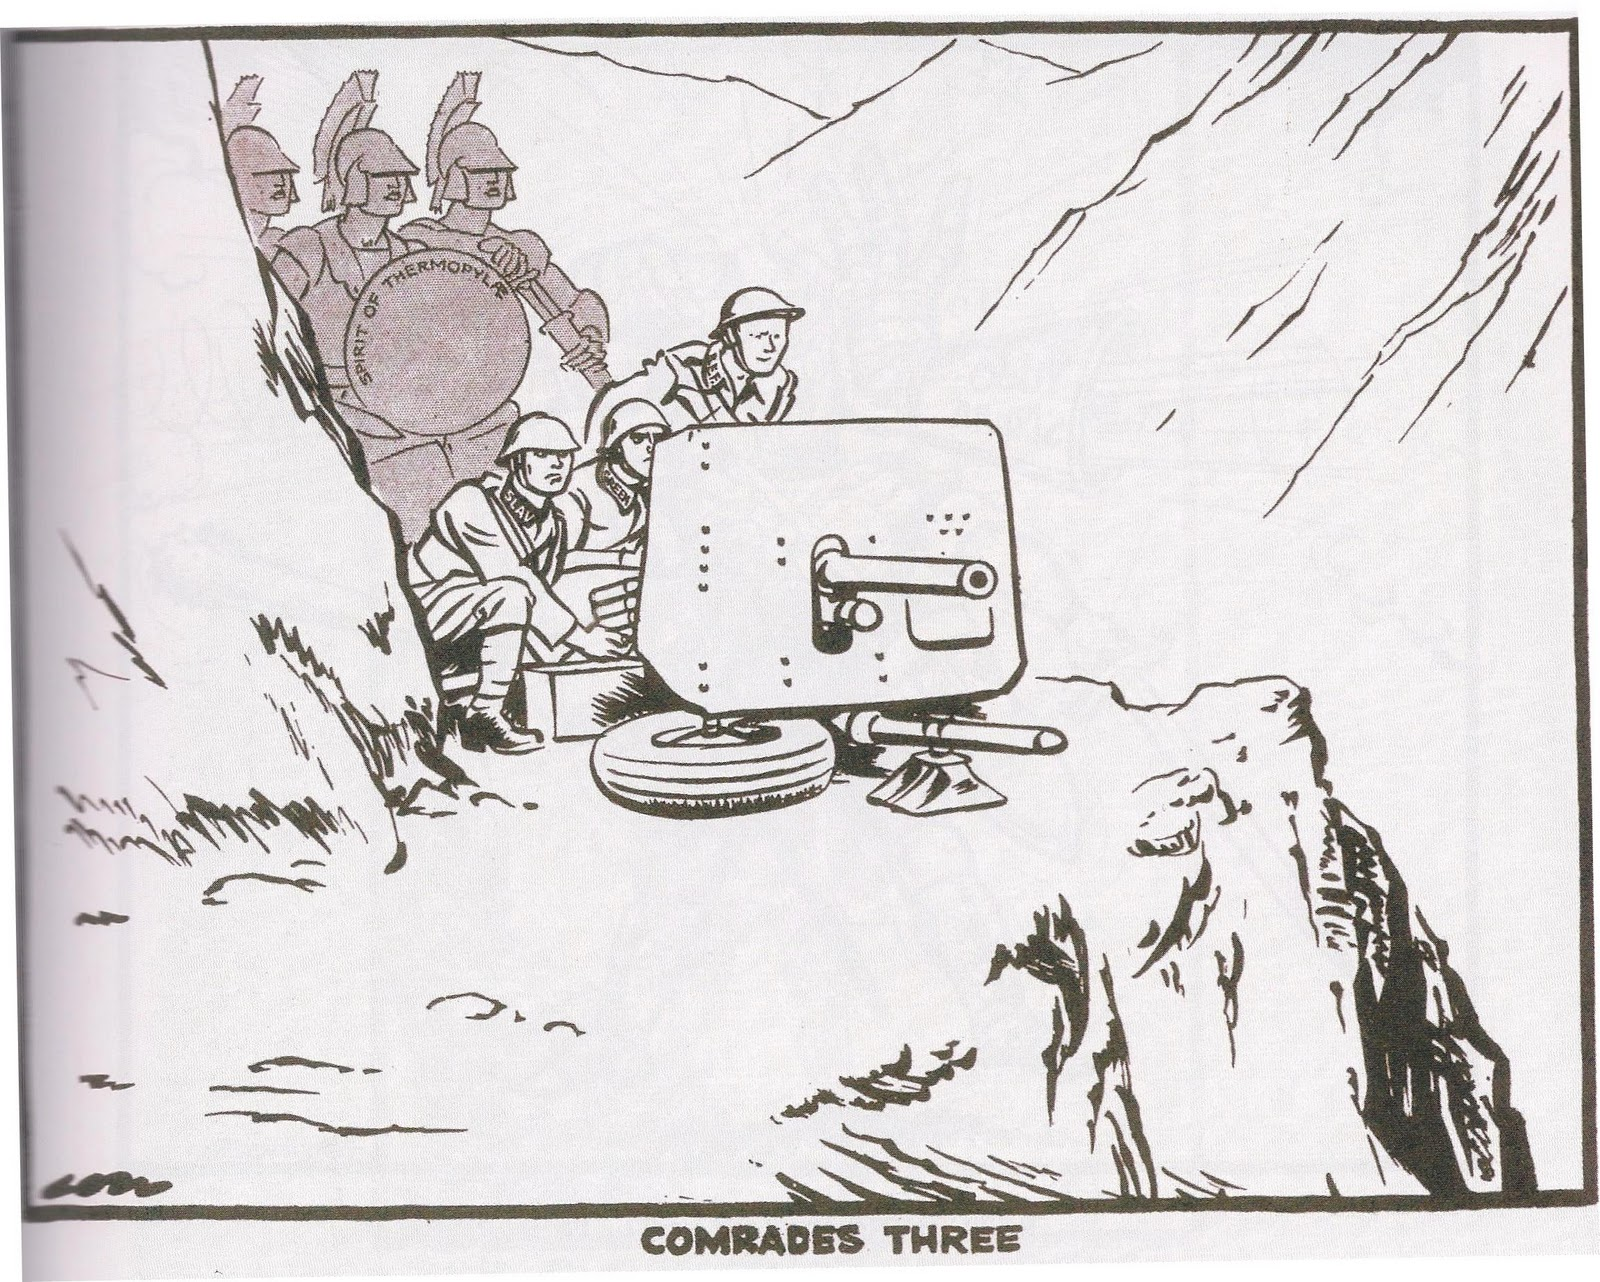 Γελοιογραφίες εποχής του Έπους του '40 #28ηΟκτωβριου #parelasi 1940 – ΚΟΡΟΙΔΟ ΜΟΥΣΟΛΙΝΙ